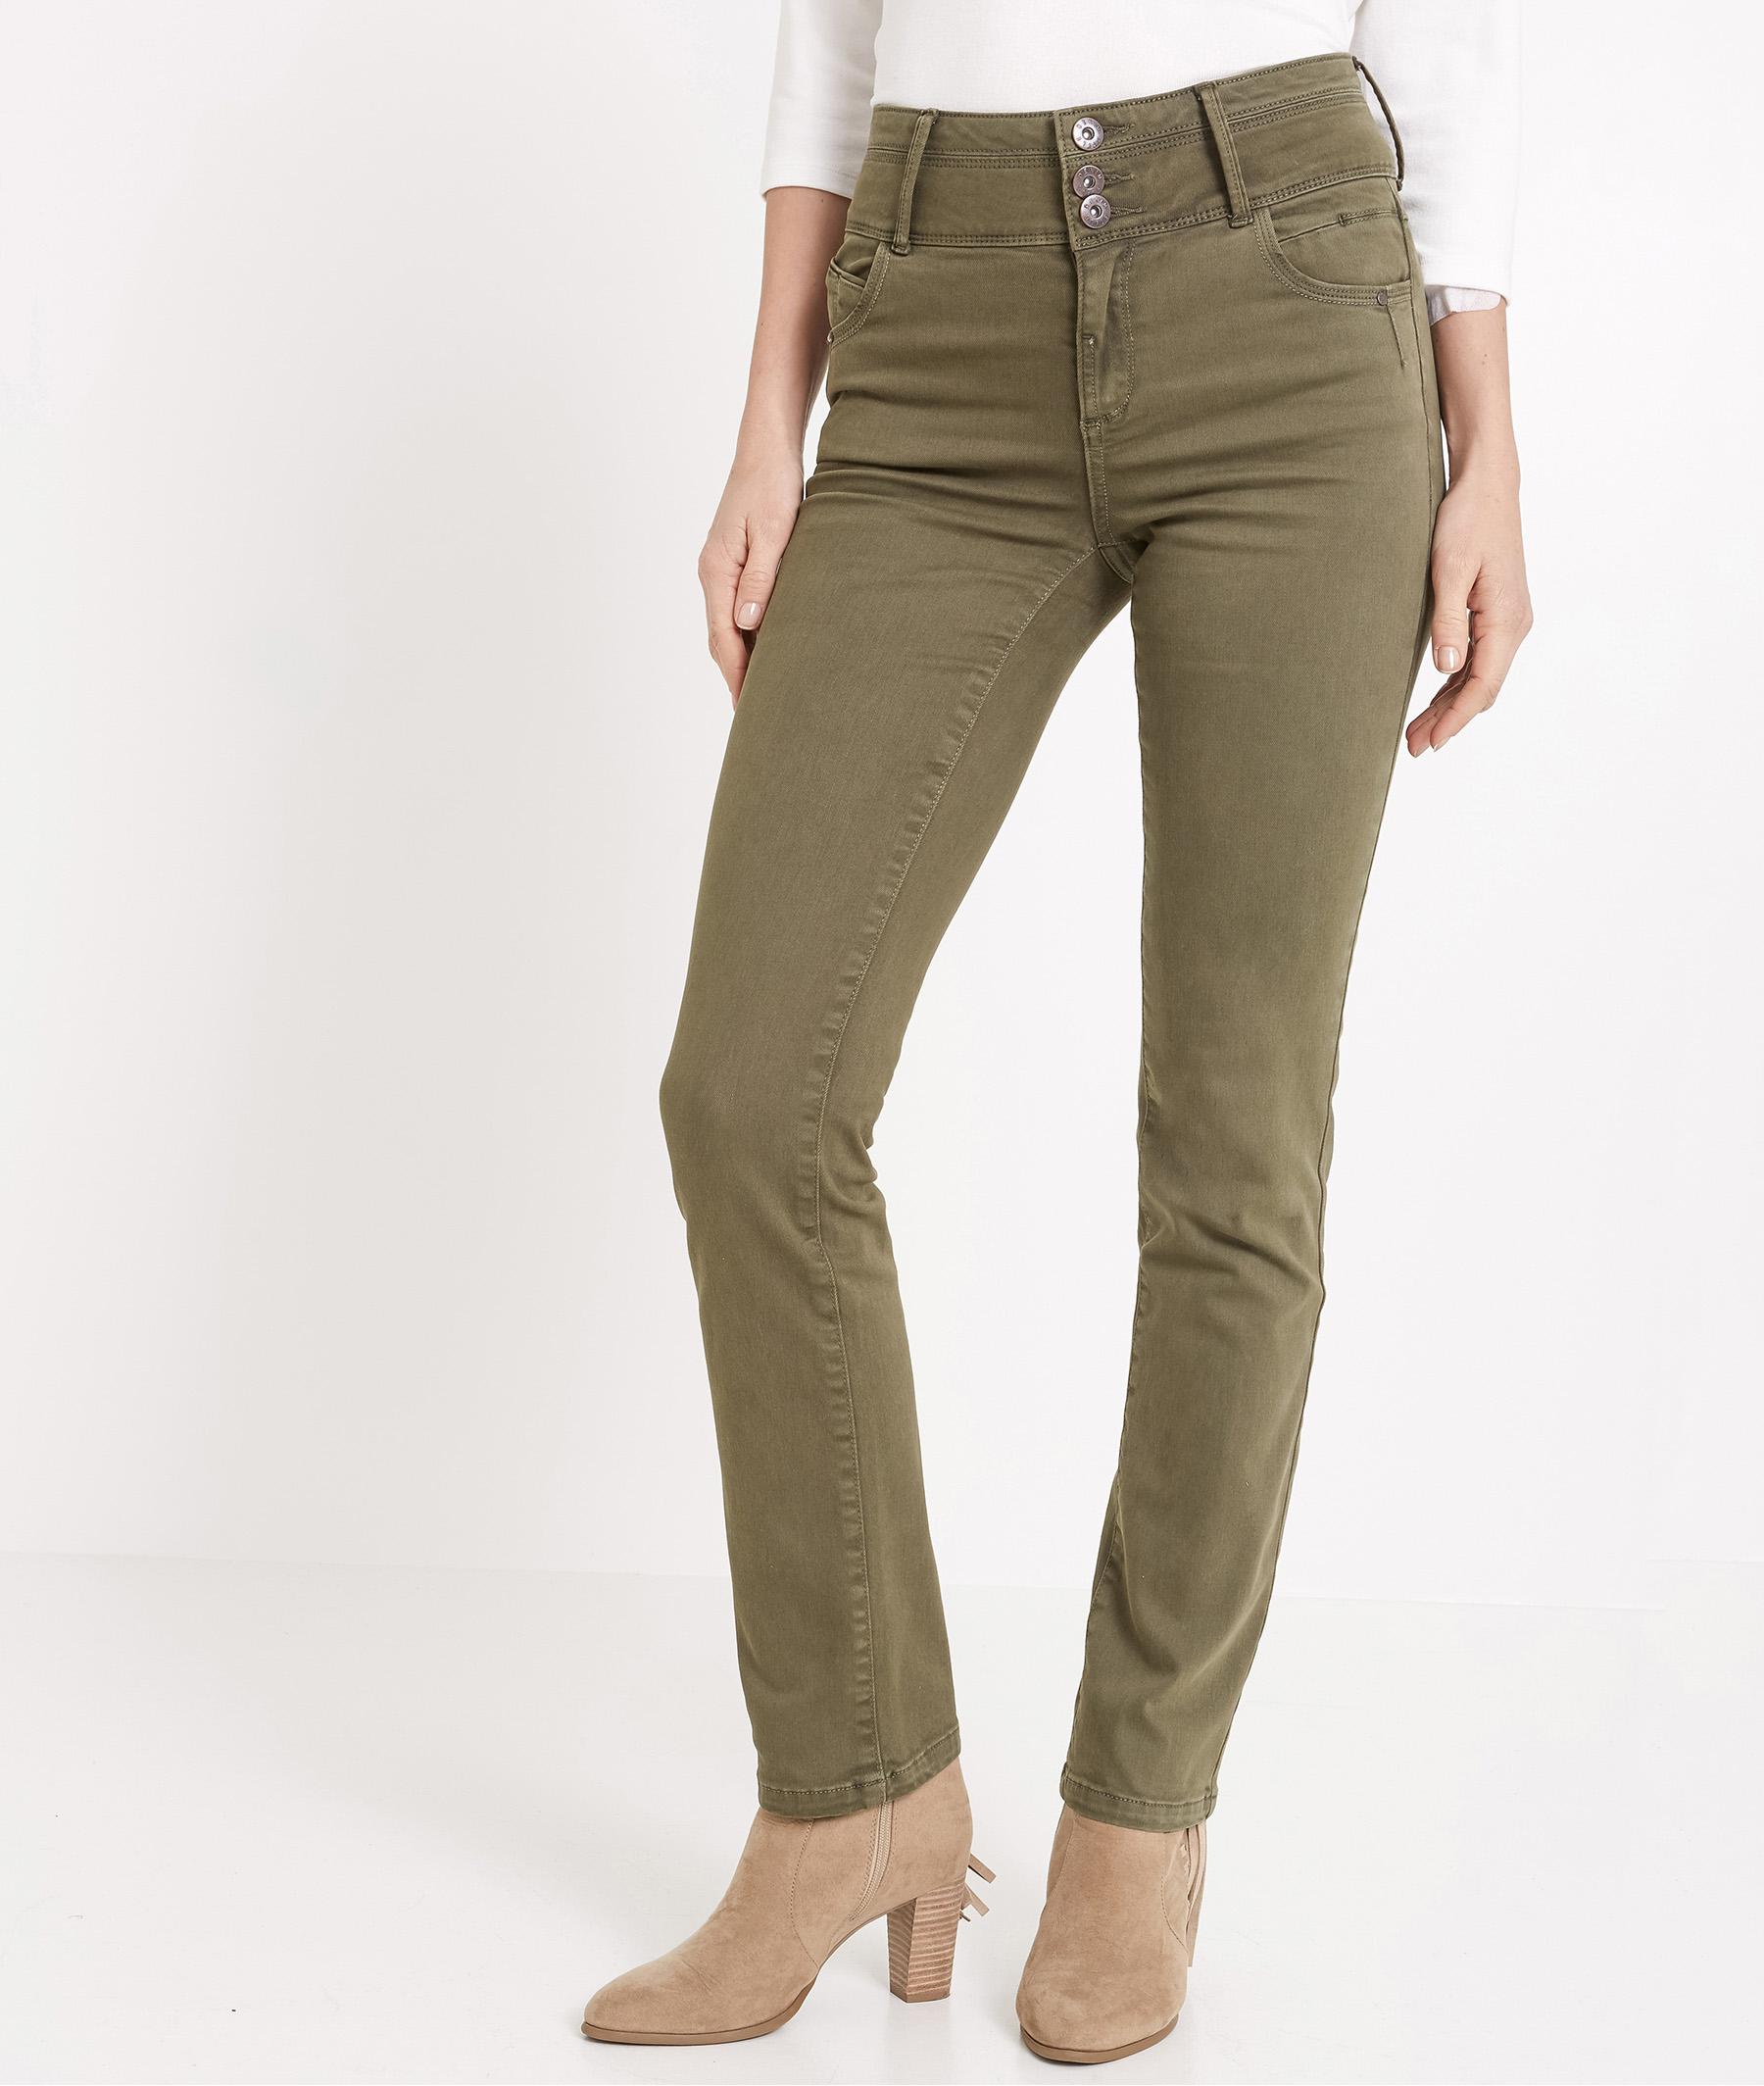 Pantalon femme droit taille haute KAKI